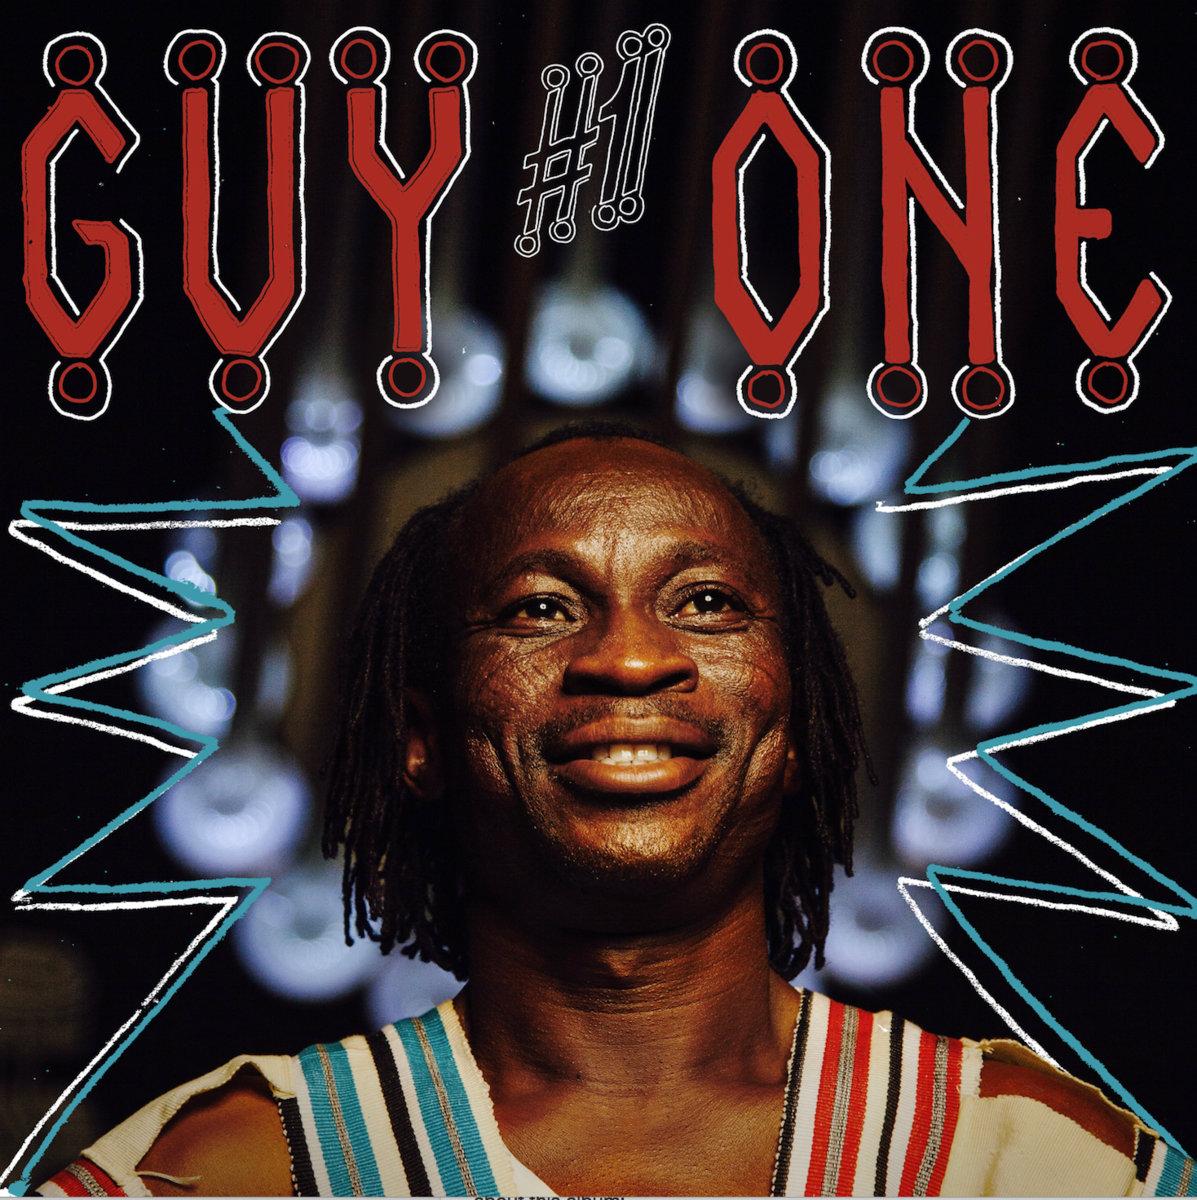 Guy One (Frafra music)